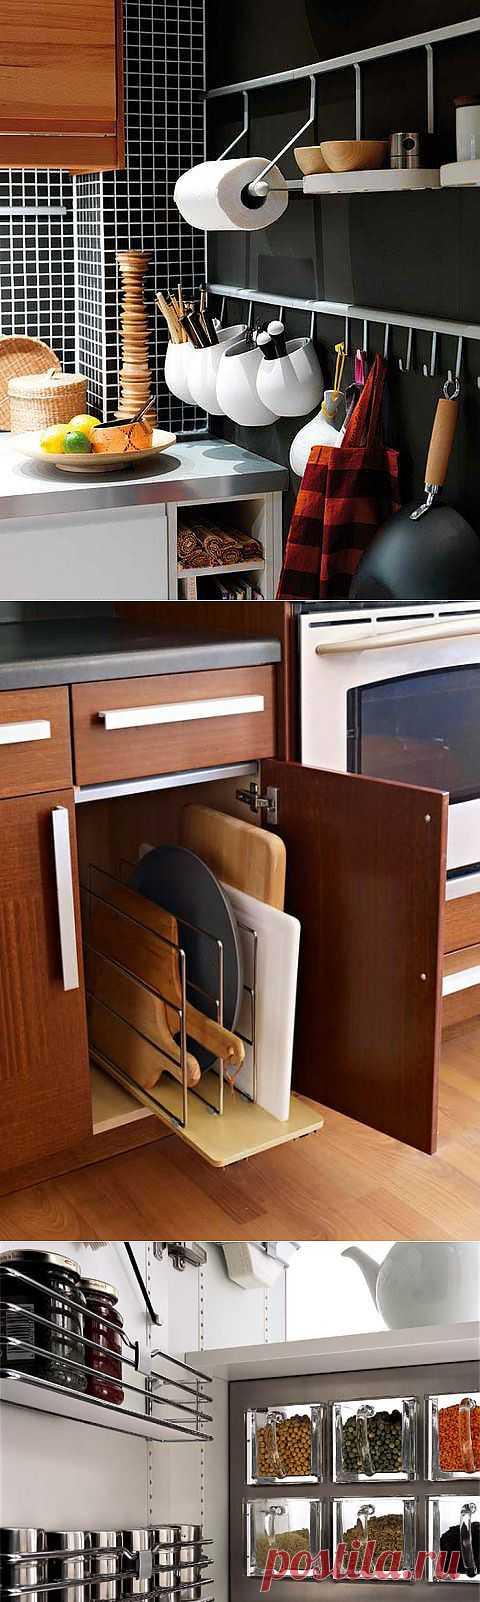 Удобная кухня: практичные идеи.